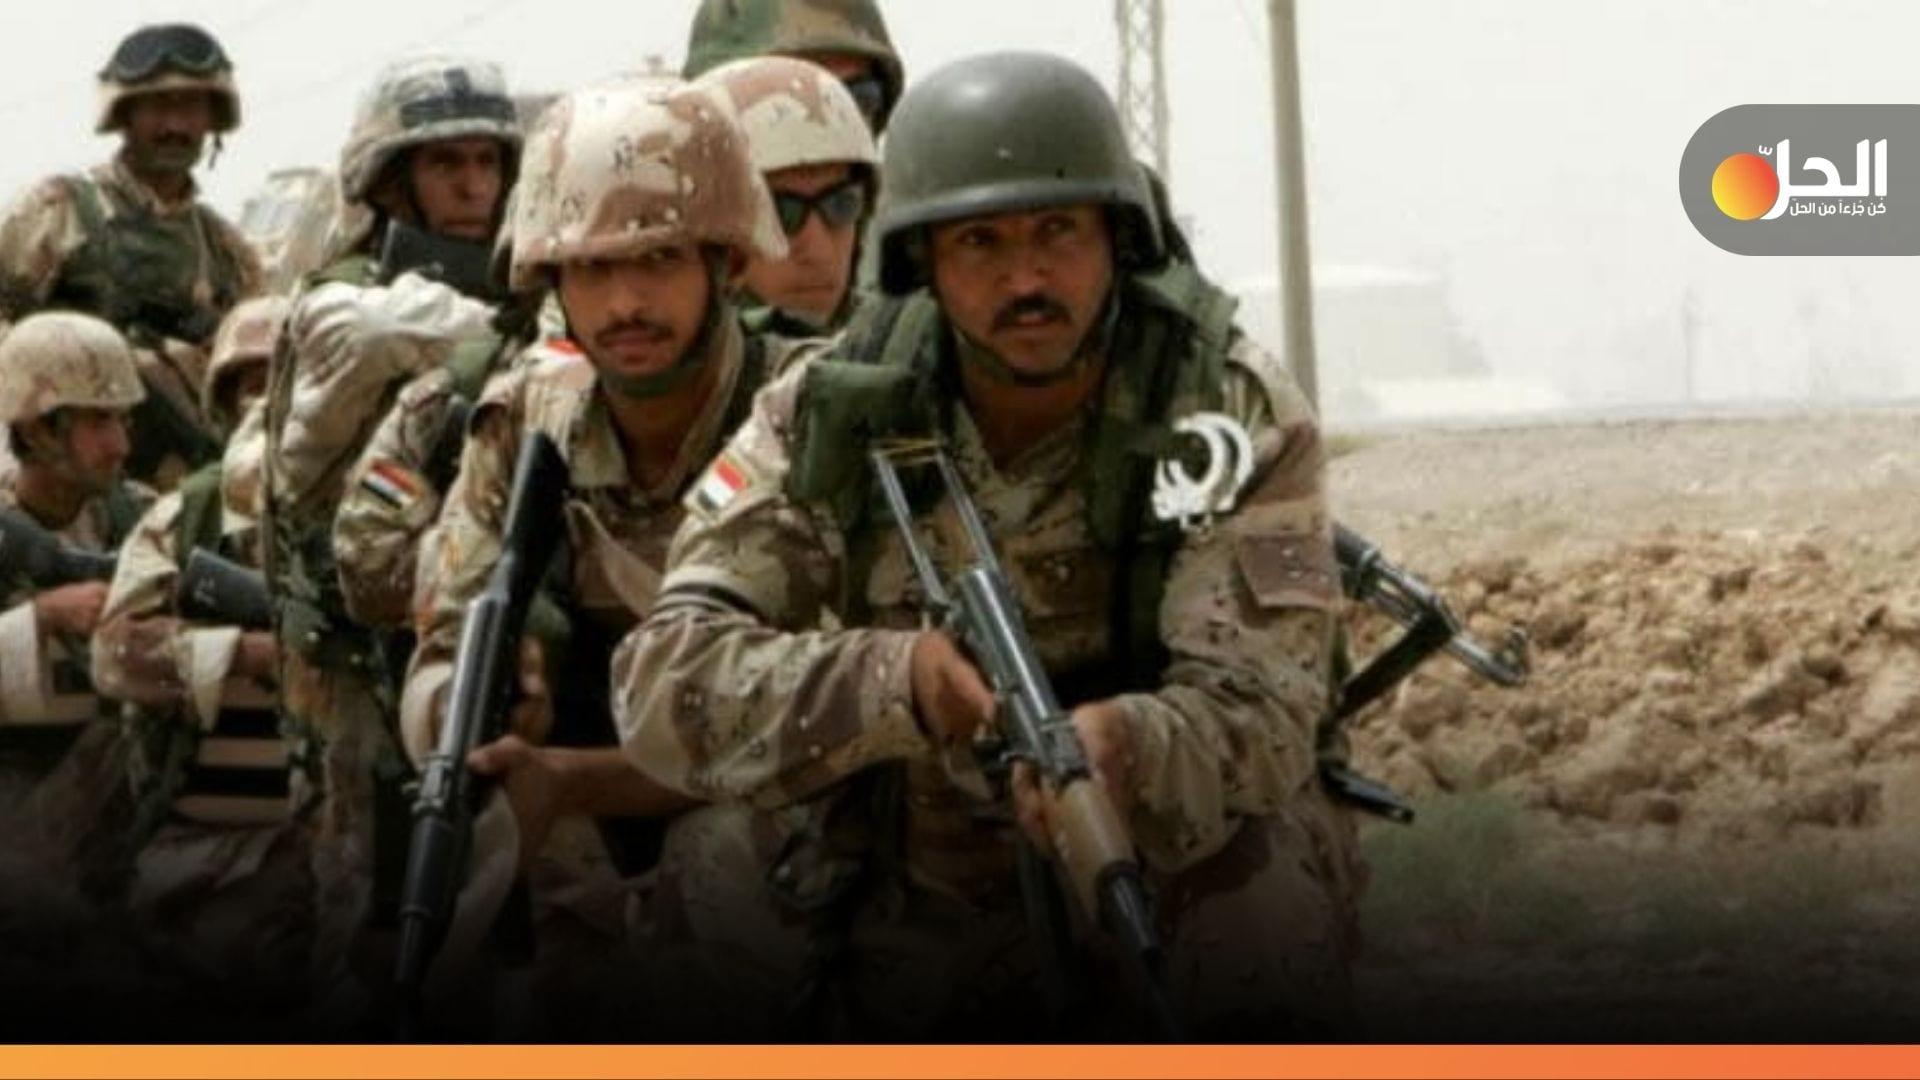 التفاصيل الكاملة لاعتقال انتحاري كان ينوي تفجير نفسه في بغداد